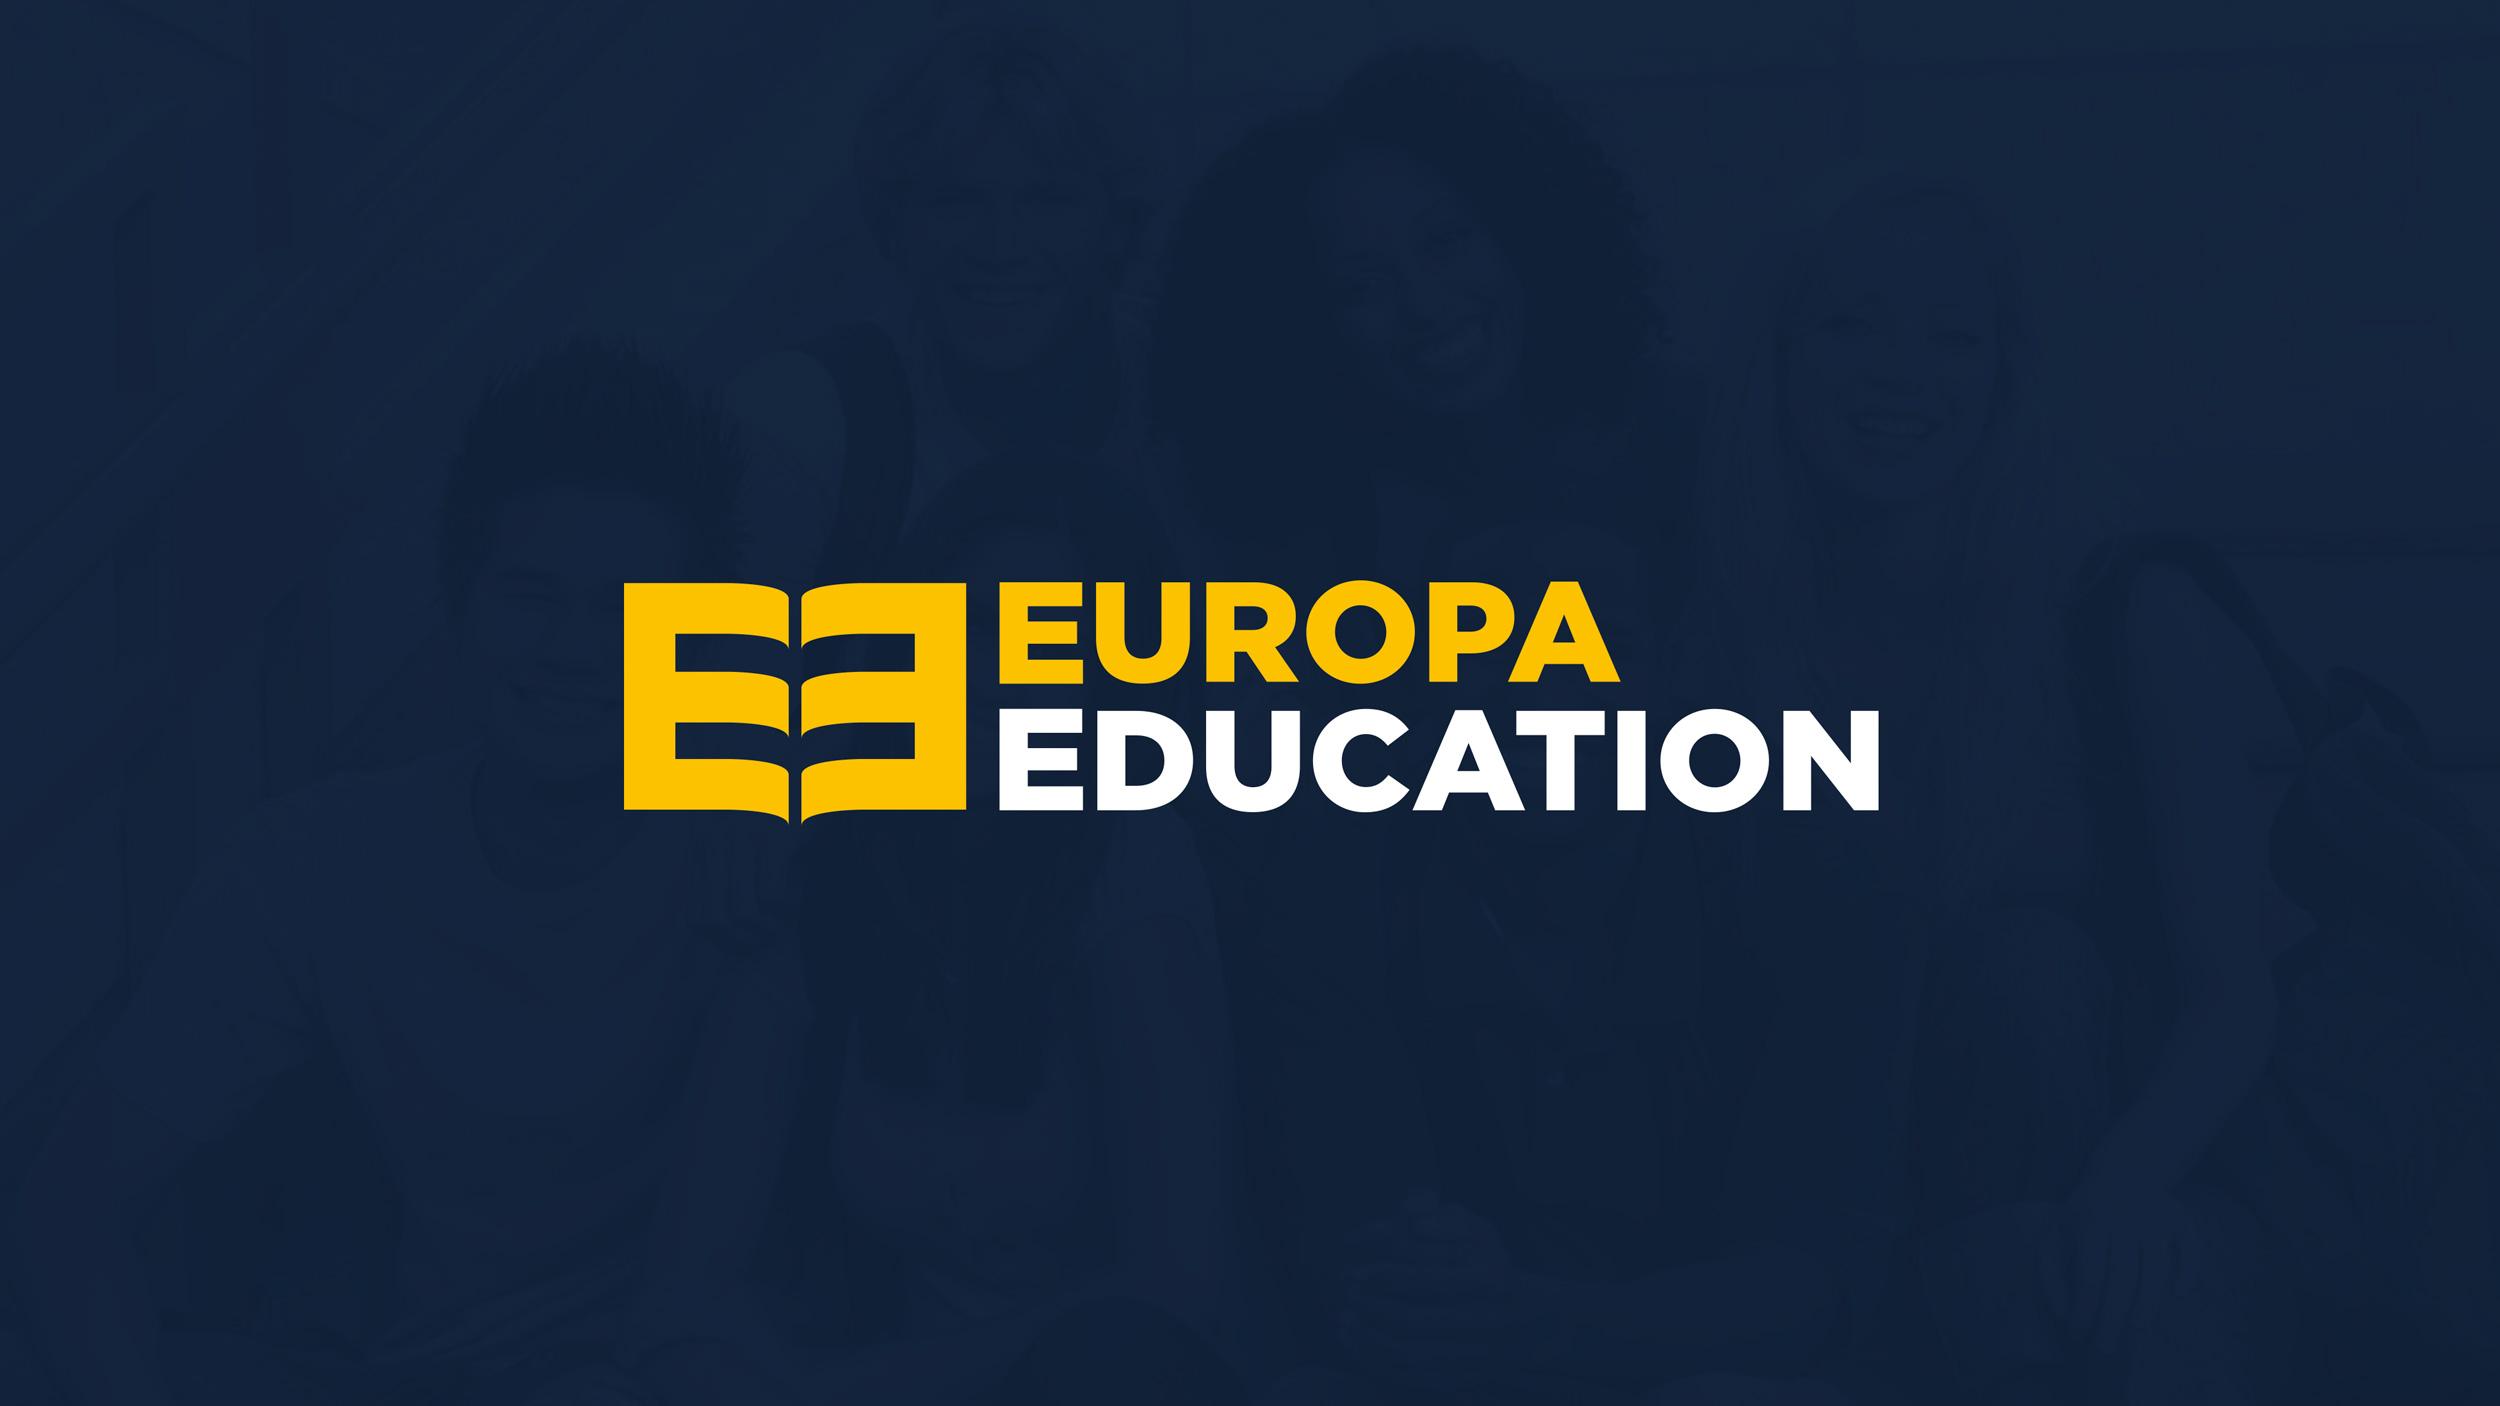 kamikaze-logotipo-universidad-europea-logotipo-01